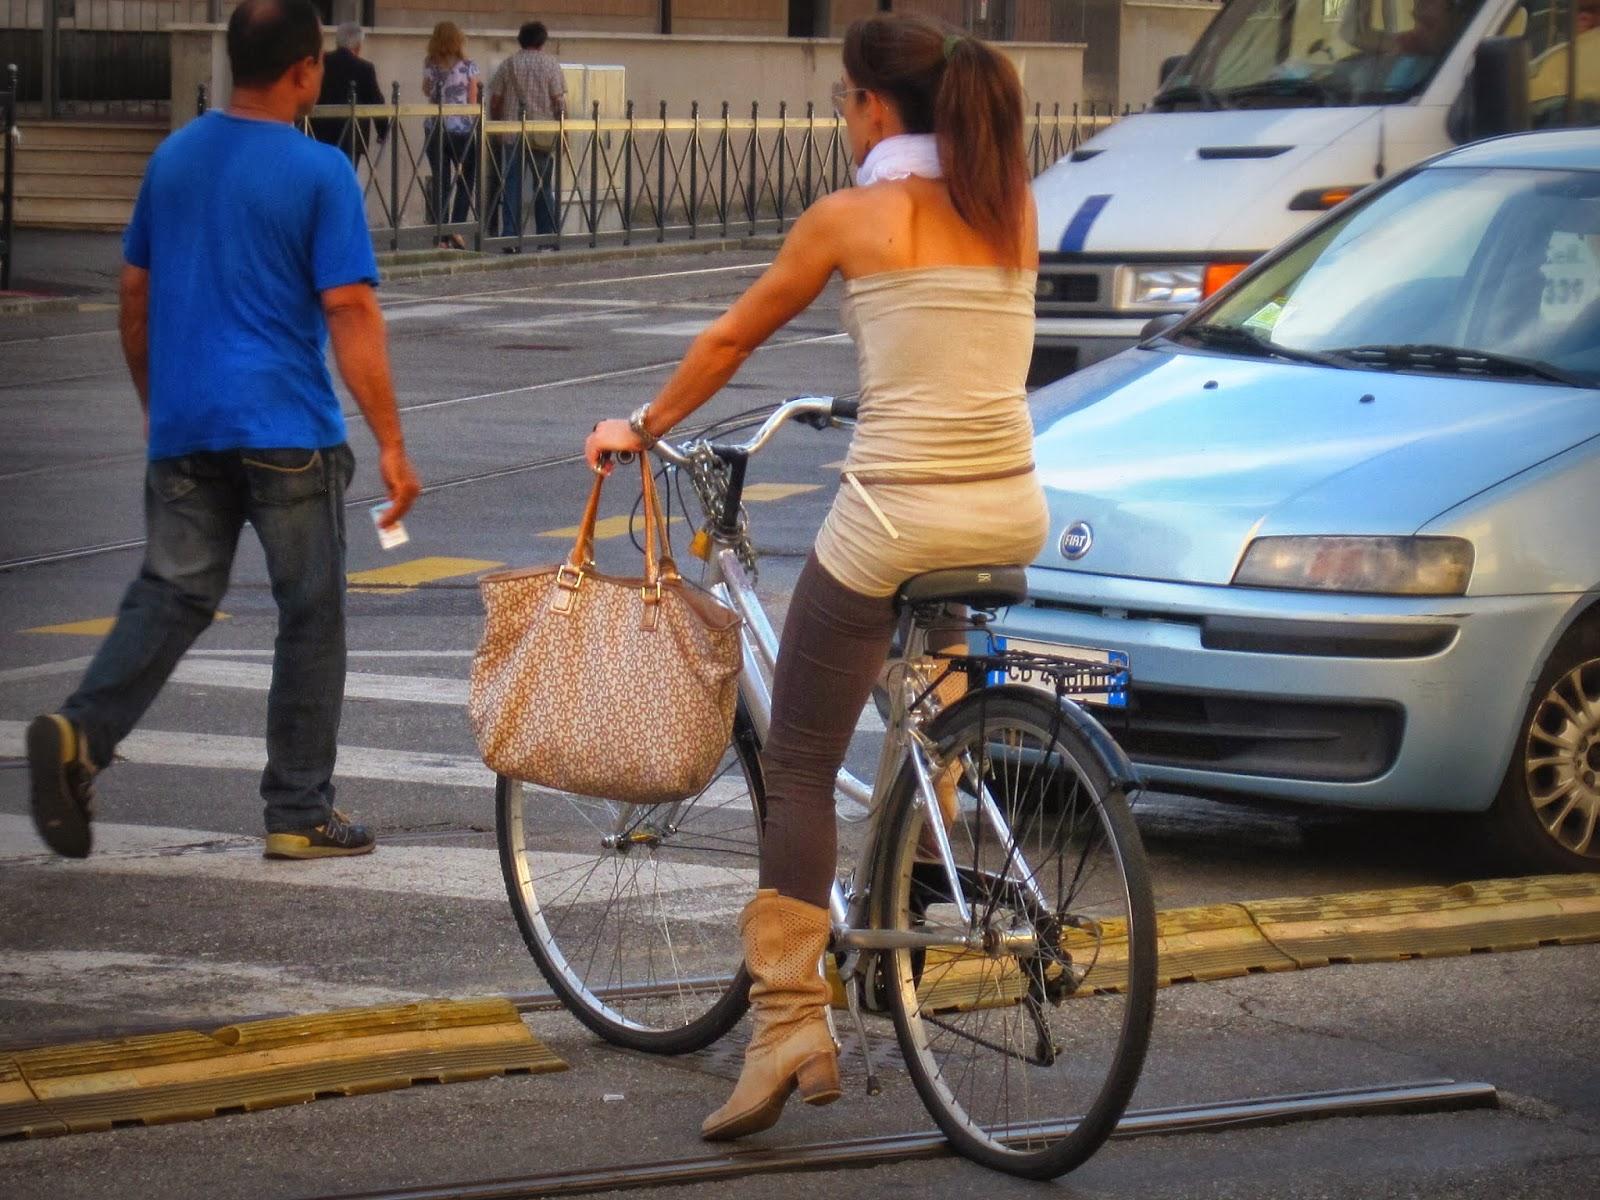 Fotos de viajar en bicicleta 2